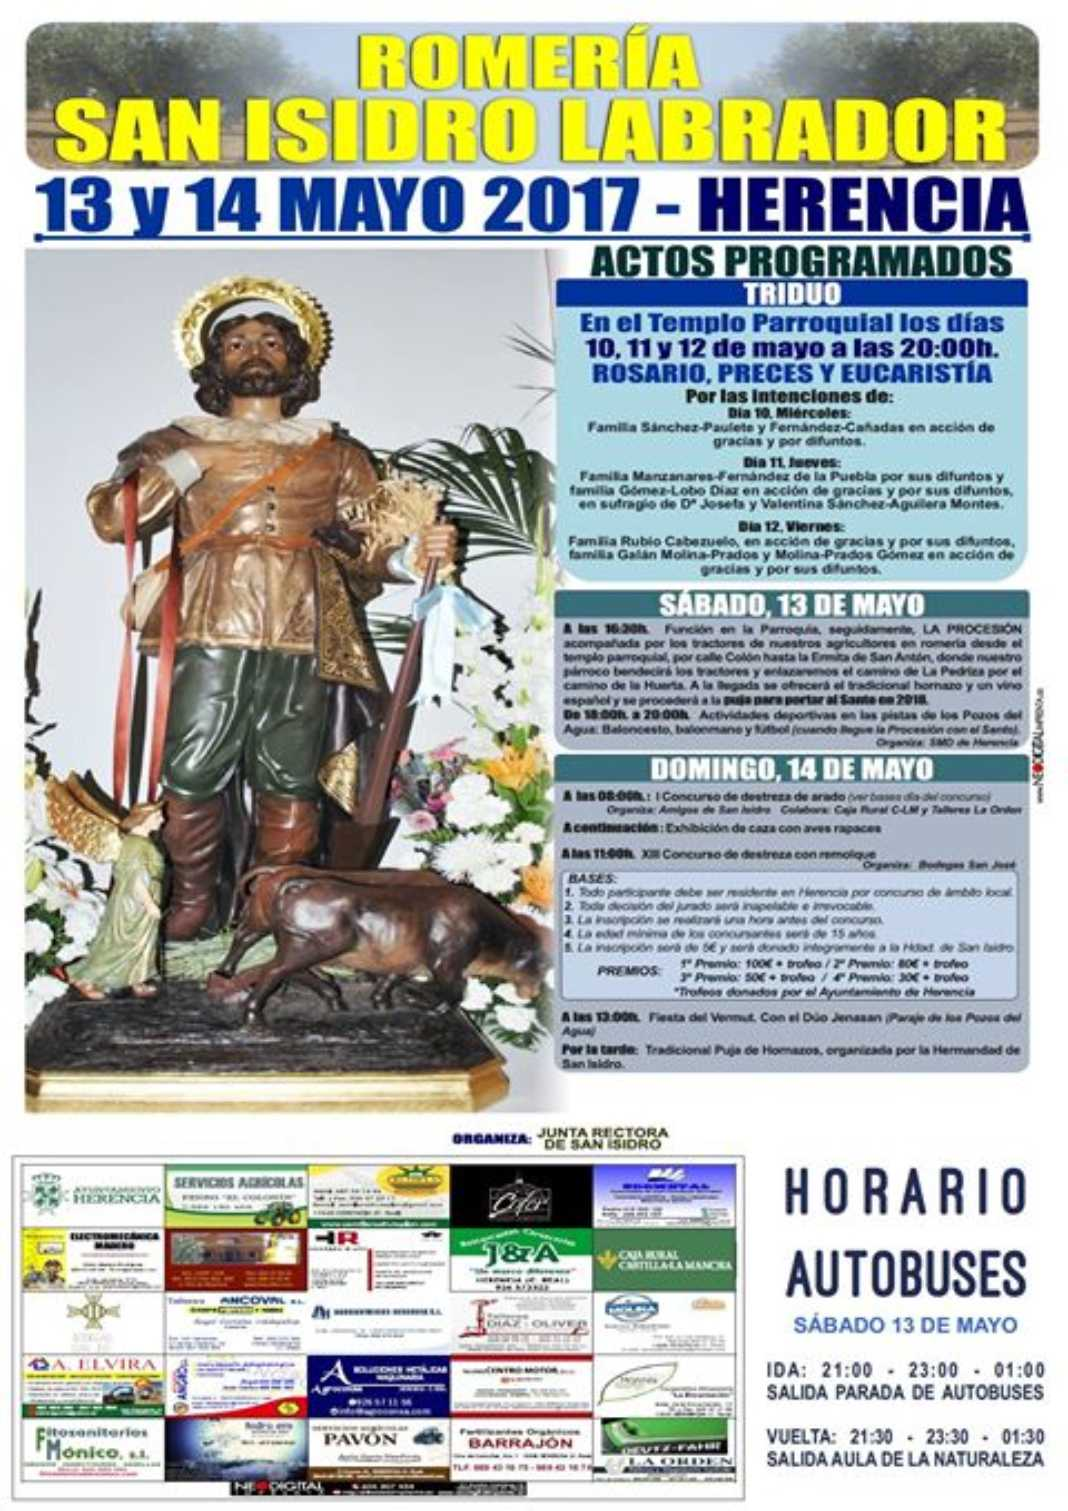 Este sábado se celebra la tradicional Romería de San Isidro Labrador 7